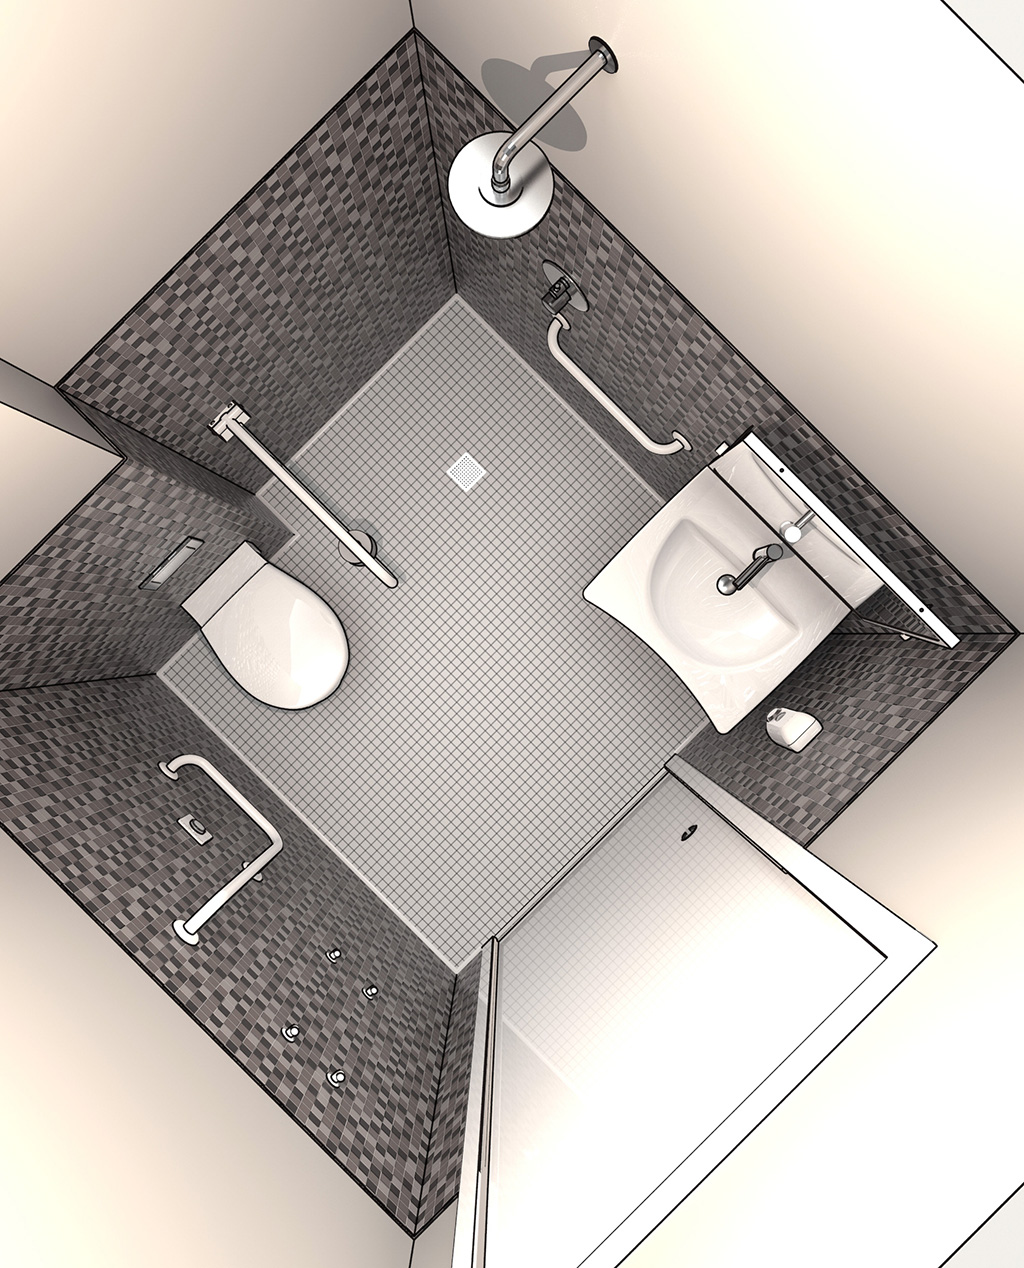 Salle de bain pour personne à mobilité réduite, vaste gamme ...